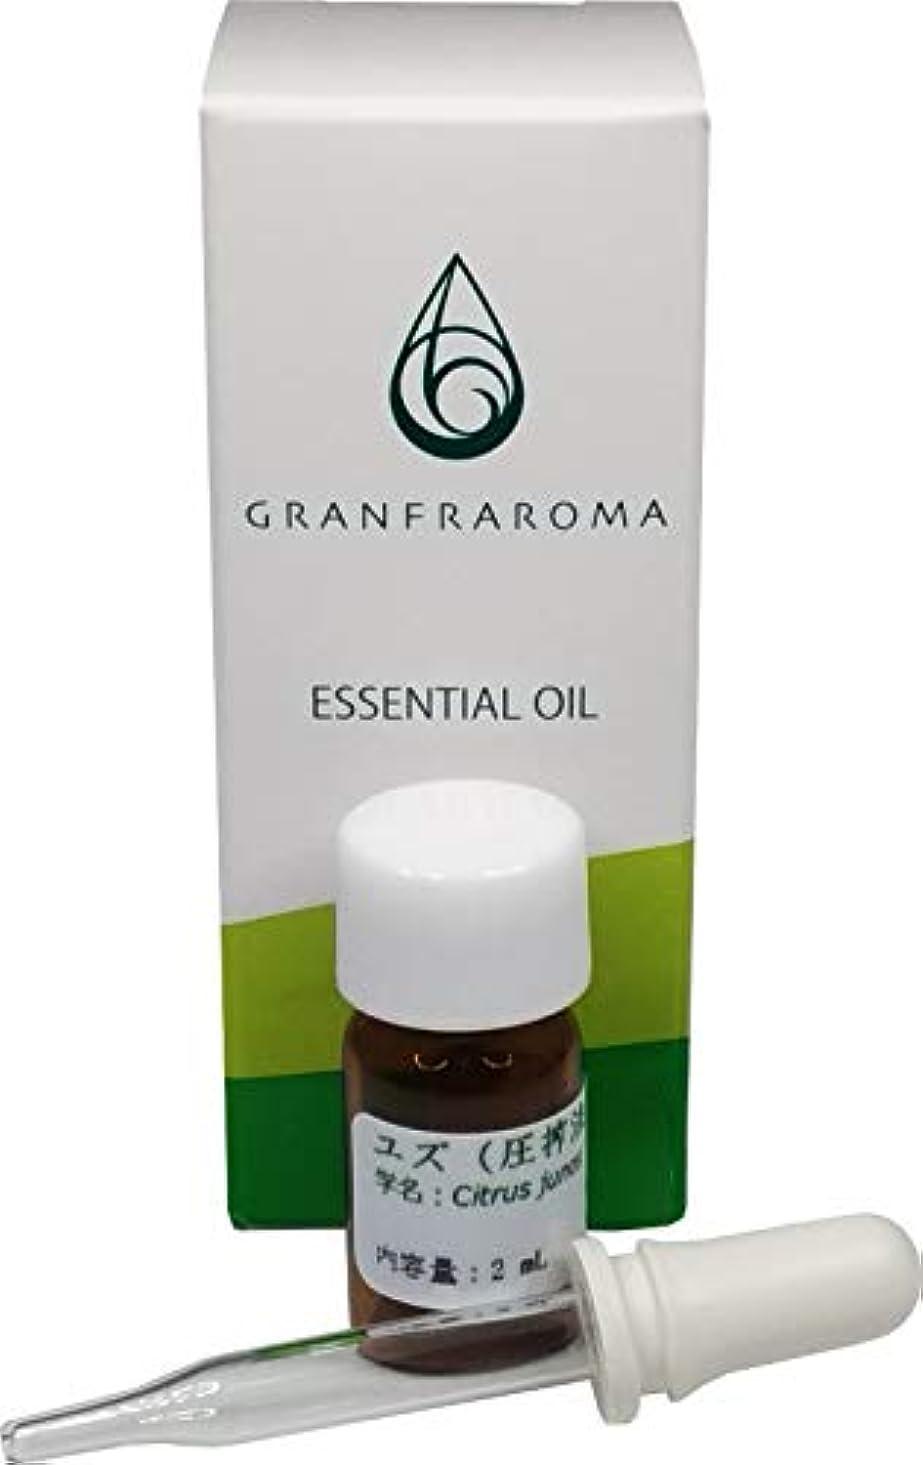 セットアップ好むポップ(グランフラローマ)GRANFRAROMA 精油 ユズ 圧搾法 エッセンシャルオイル 2ml